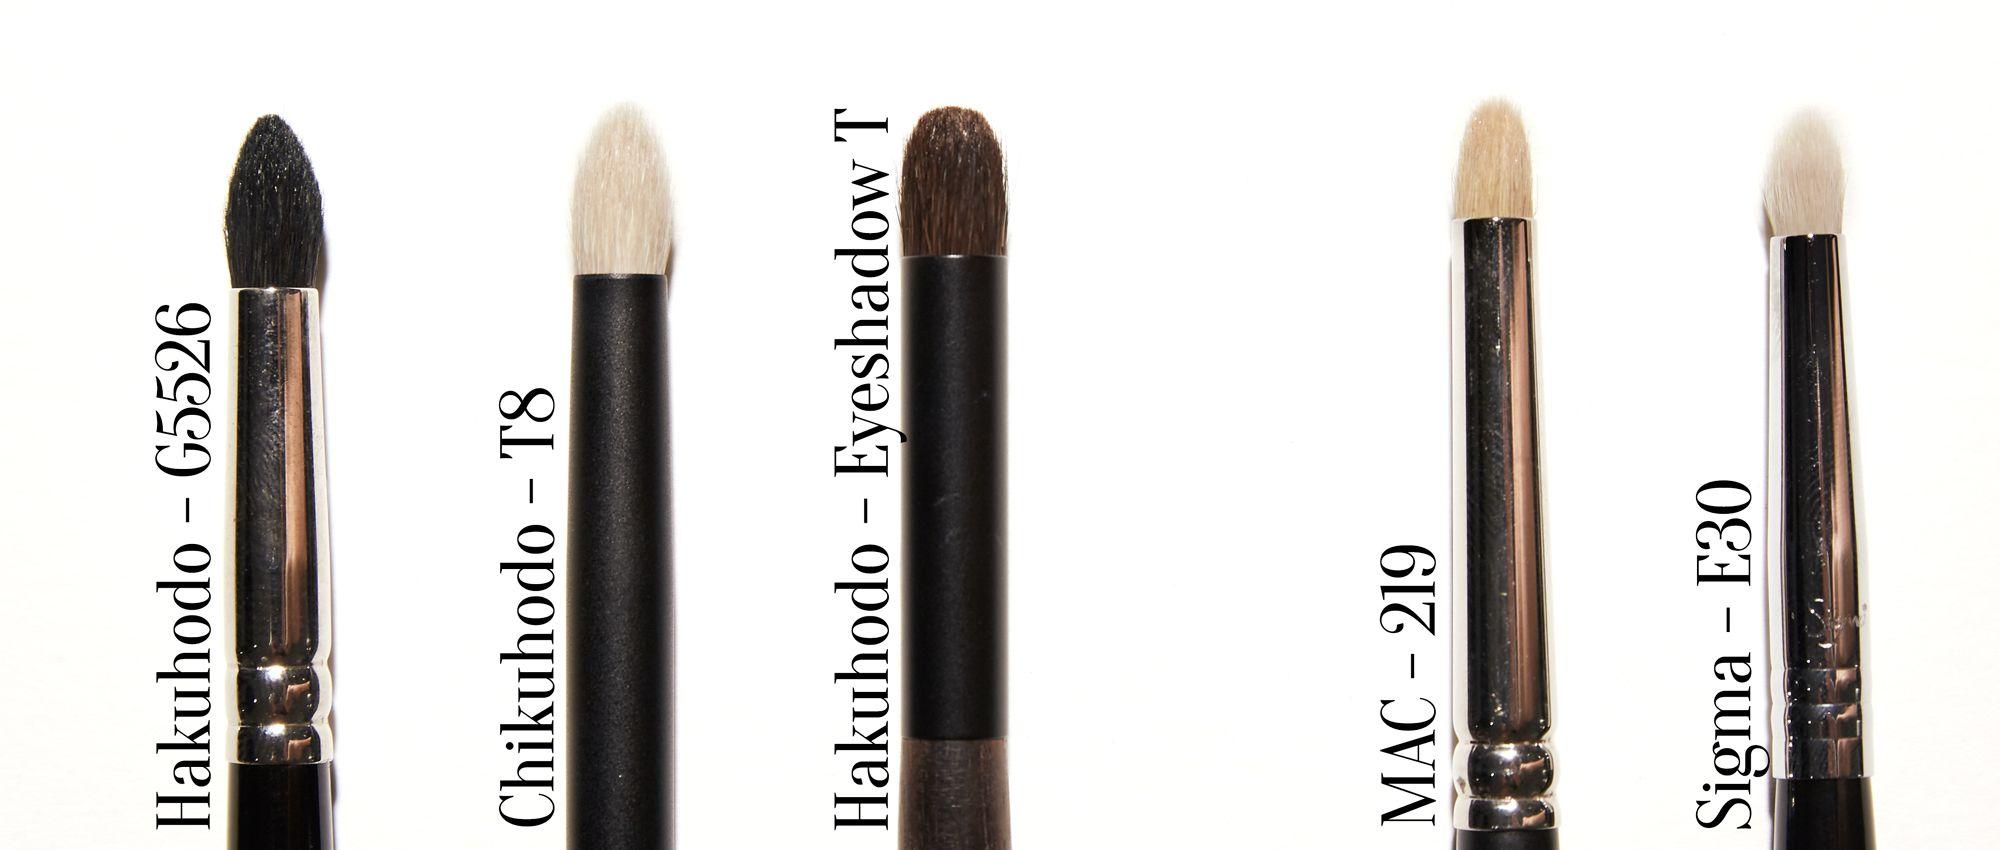 Japanese Brush Starter Kit Eye Brushes Eye brushes